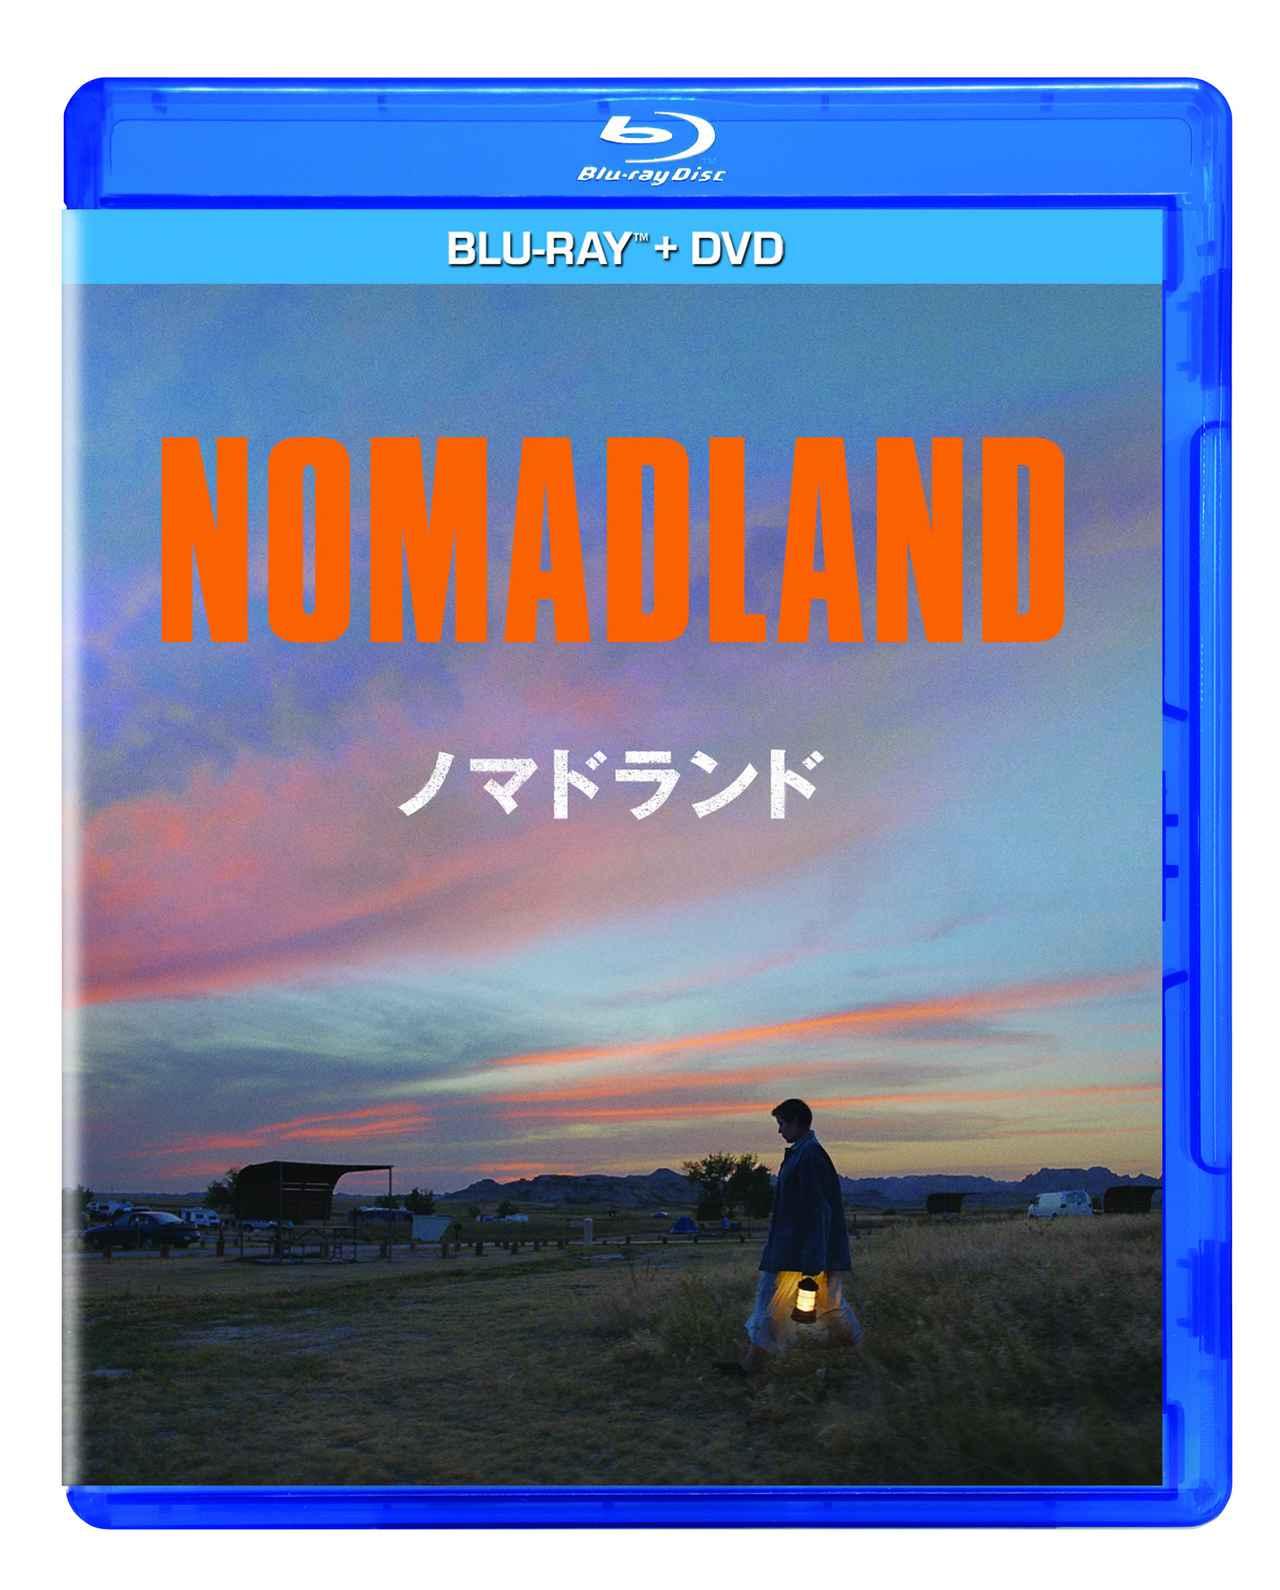 画像2: 「日本人にこそ、見て欲しい映画」日本のノマド先駆者・渡鳥ジョニー氏と、映画ライター・よしひろまさみち氏が『ノマドランド』対談